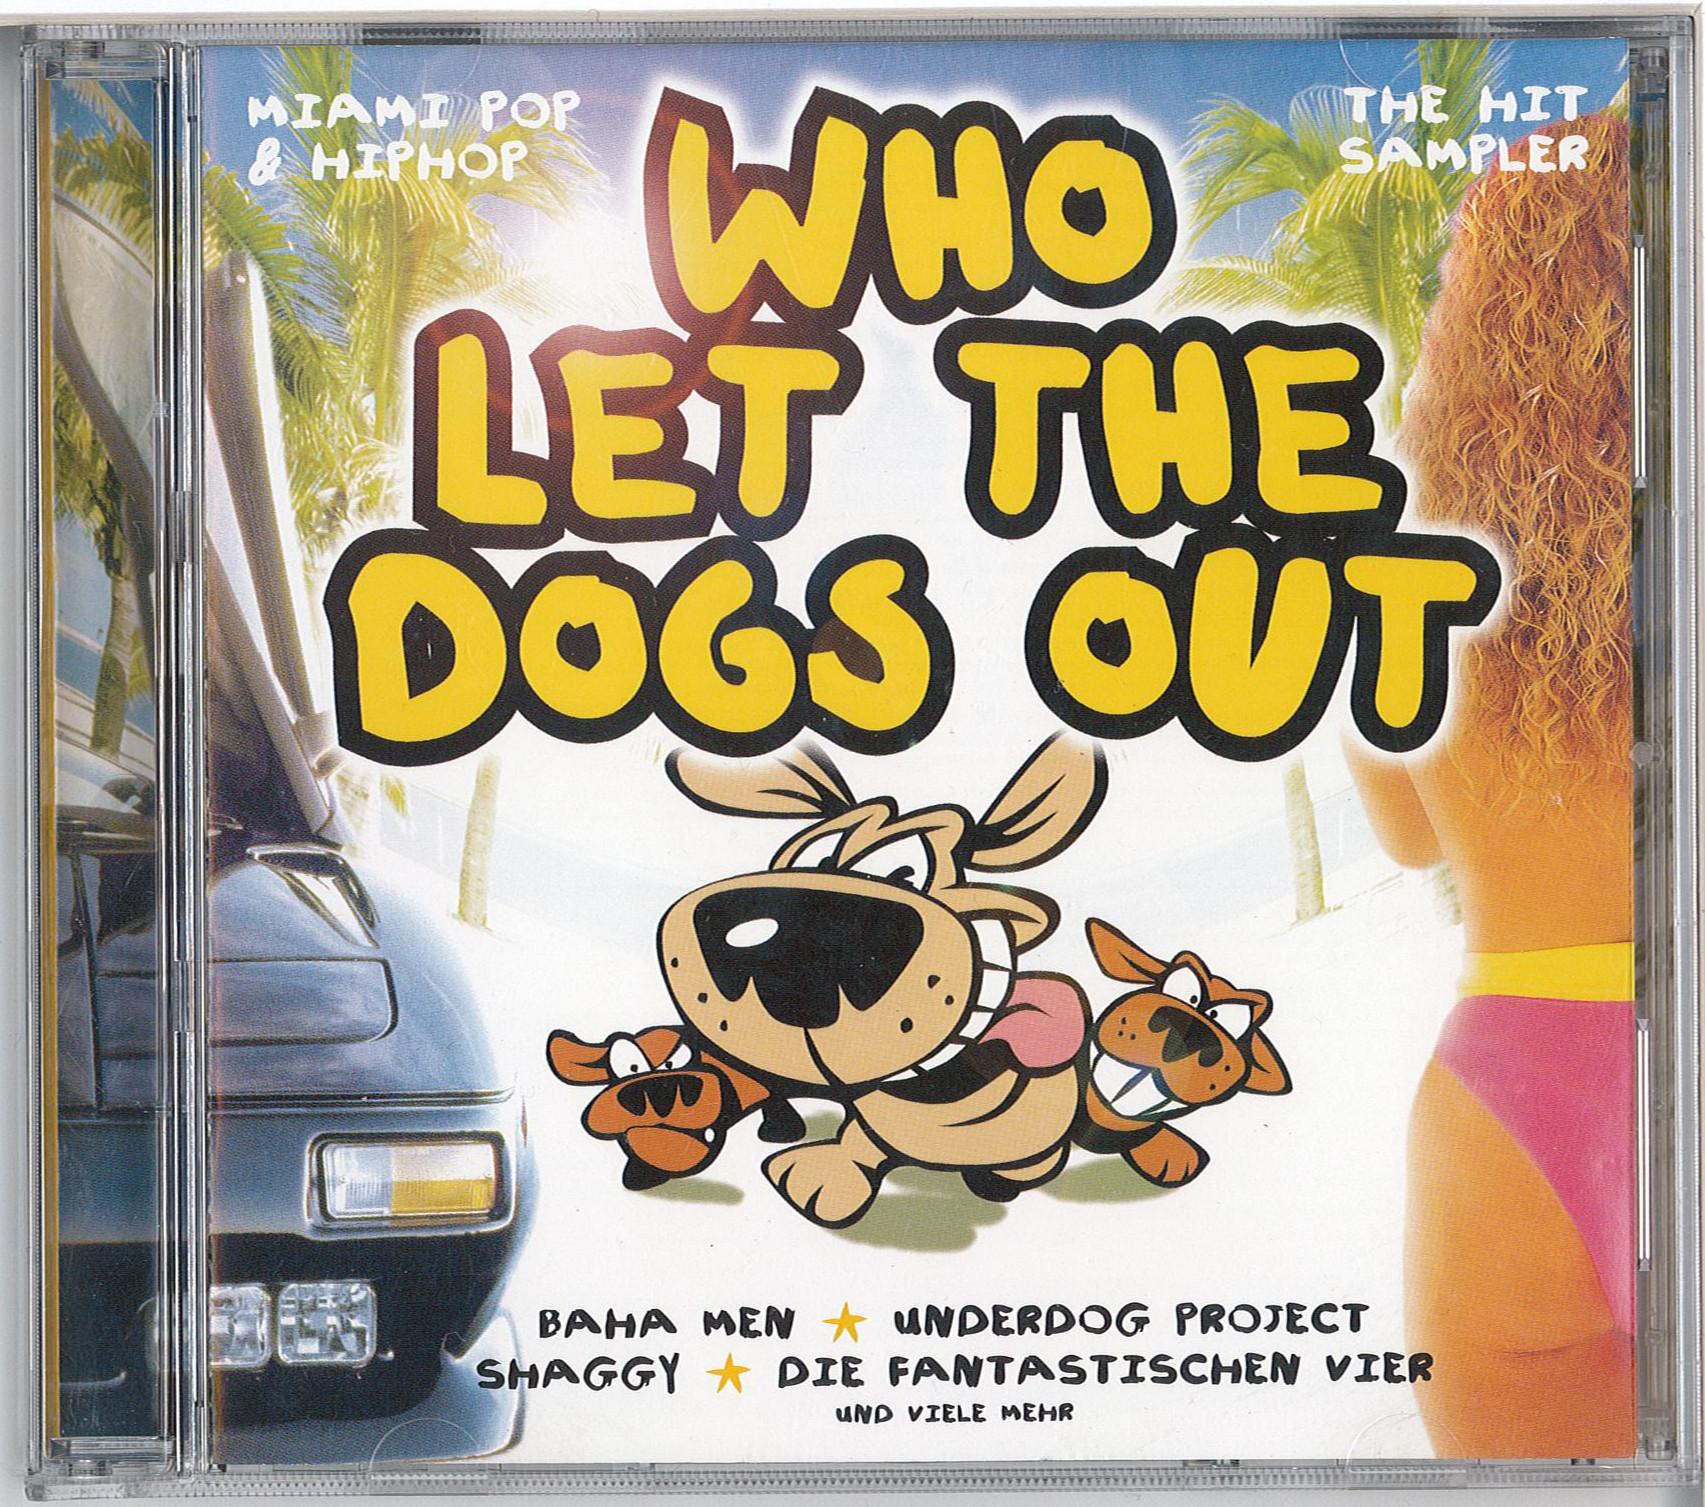 WLWLTDOO-2001-CD-WLTDO-SAMPLER-GER-FRONT.jpg